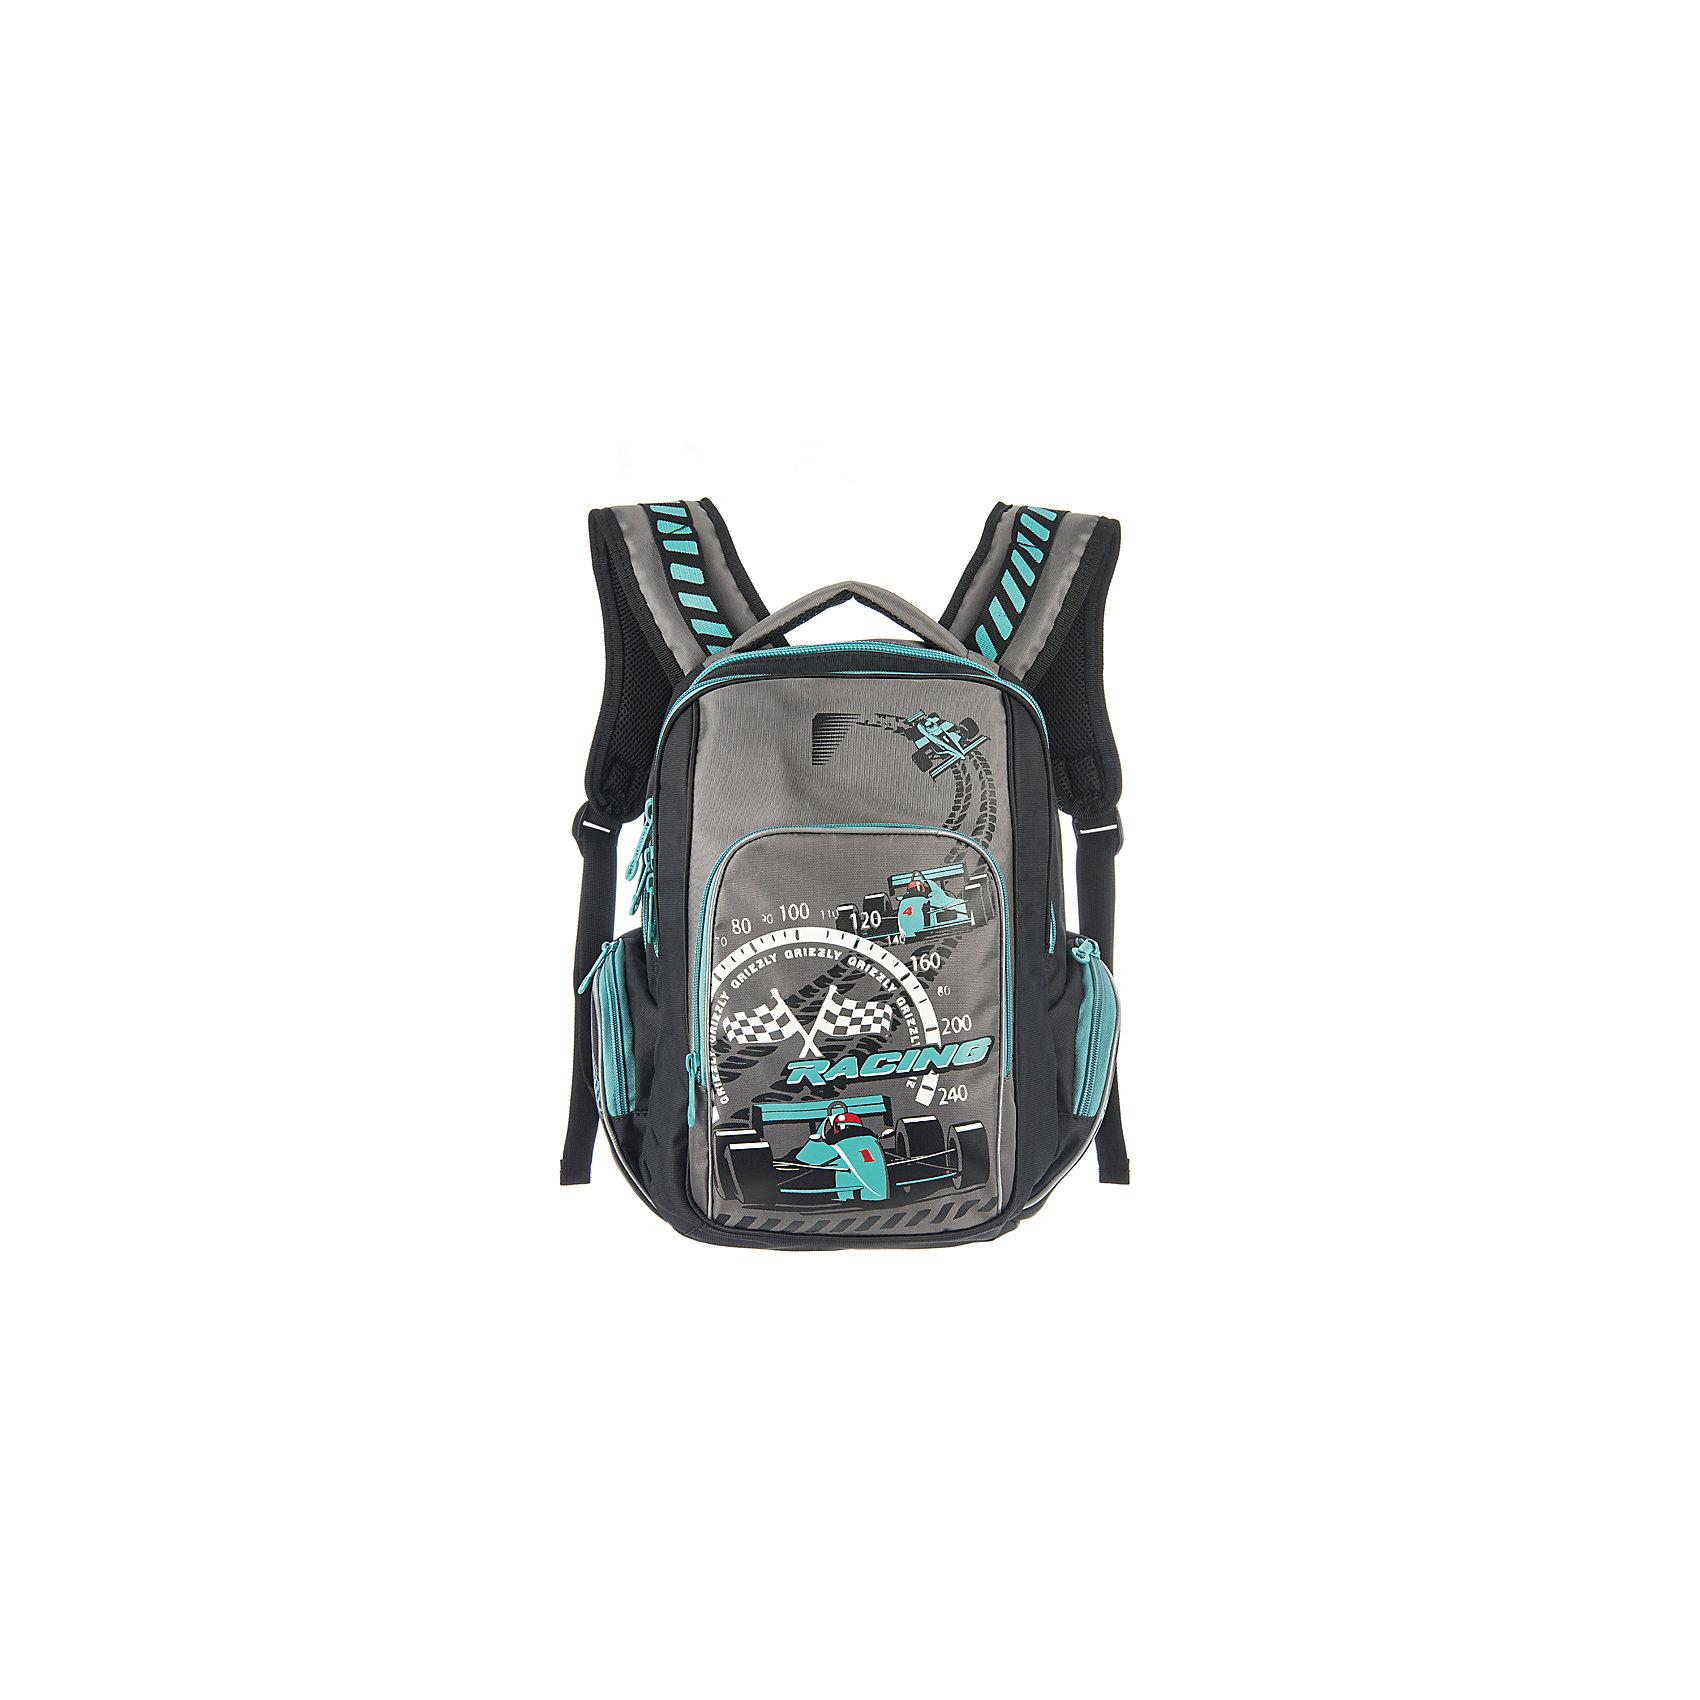 Grizzly Рюкзак школьный черно-бирюзовыйРюкзаки<br>Школьный рюкзак, черно-бирюзовый, Grizzly (Гризли) ? рюкзак отечественного бренда Гризли школьной серии.  Рюкзак  выполнен из нейлона высокого качества, что обеспечивает, с одной стороны, легкий вес, а с другой ? надежность и прочность. Все швы выполнены капроновыми нитками, что делает швы особенно крепкими и устойчивыми к износу даже в течение нескольких лет. <br>Внутреннее устройство рюкзака состоит из двух вместительных отсеков, внутреннего подвесного кармана на молнии и внутреннего кармана. Также имеется откидное дно, что увеличивает устойчивость рюкзака. Объемные карманы на молнии – по бокам и на передней стенке. Удобство и эргономичность рюкзака создается за счет жесткой анатомической спинки, укрепленных лямок и мягкой укрепленной ручки. С четырех сторон рюкзака имеются светоотражающие элементы. Уникальность рюкзаков Grizzly заключается в том, что анатомическая спинка изготовлена из специальной ткани, которая пропускает воздух, тем самым защищает спину от повышенного потоотделения.<br>Все рюкзаки школьной серии Grizzly (Гризли) имеют оригинальный современный дизайн. Школьный рюкзак, черно-бирюзовый, Grizzly (Гризли) выполнен в черном цвете с яркими элементами. Передний карман украшен большой яркой аппликацией.<br>Школьный рюкзак, черно-бирюзовый, Grizzly (Гризли) ? это качество материалов, удобство, стиль и долговечность использования. <br><br>Дополнительная информация:<br><br>- Вес: 800 г<br>- Габариты (Д*Г*В): 26*19*35 см<br>- Цвет: черно-бирюзовый<br>- Материал: нейлон <br>- Сезон: круглый год<br>- Коллекция: школьная <br>- Год коллекции: 2016 <br>- Пол: мужской<br>- Предназначение: для школы<br>- Особенности ухода: можно чистить влажной щеткой или губкой, допускается ручная стирка<br><br>Подробнее:<br><br>• Для школьников в возрасте: от 6 лет и до 10 лет<br>• Страна производитель: Россия<br>• Торговый бренд: Grizzly<br><br>Школьный рюкзак, черно-бирюзовый, Grizzly (Гризли) можно купить в нашем интернет-мага